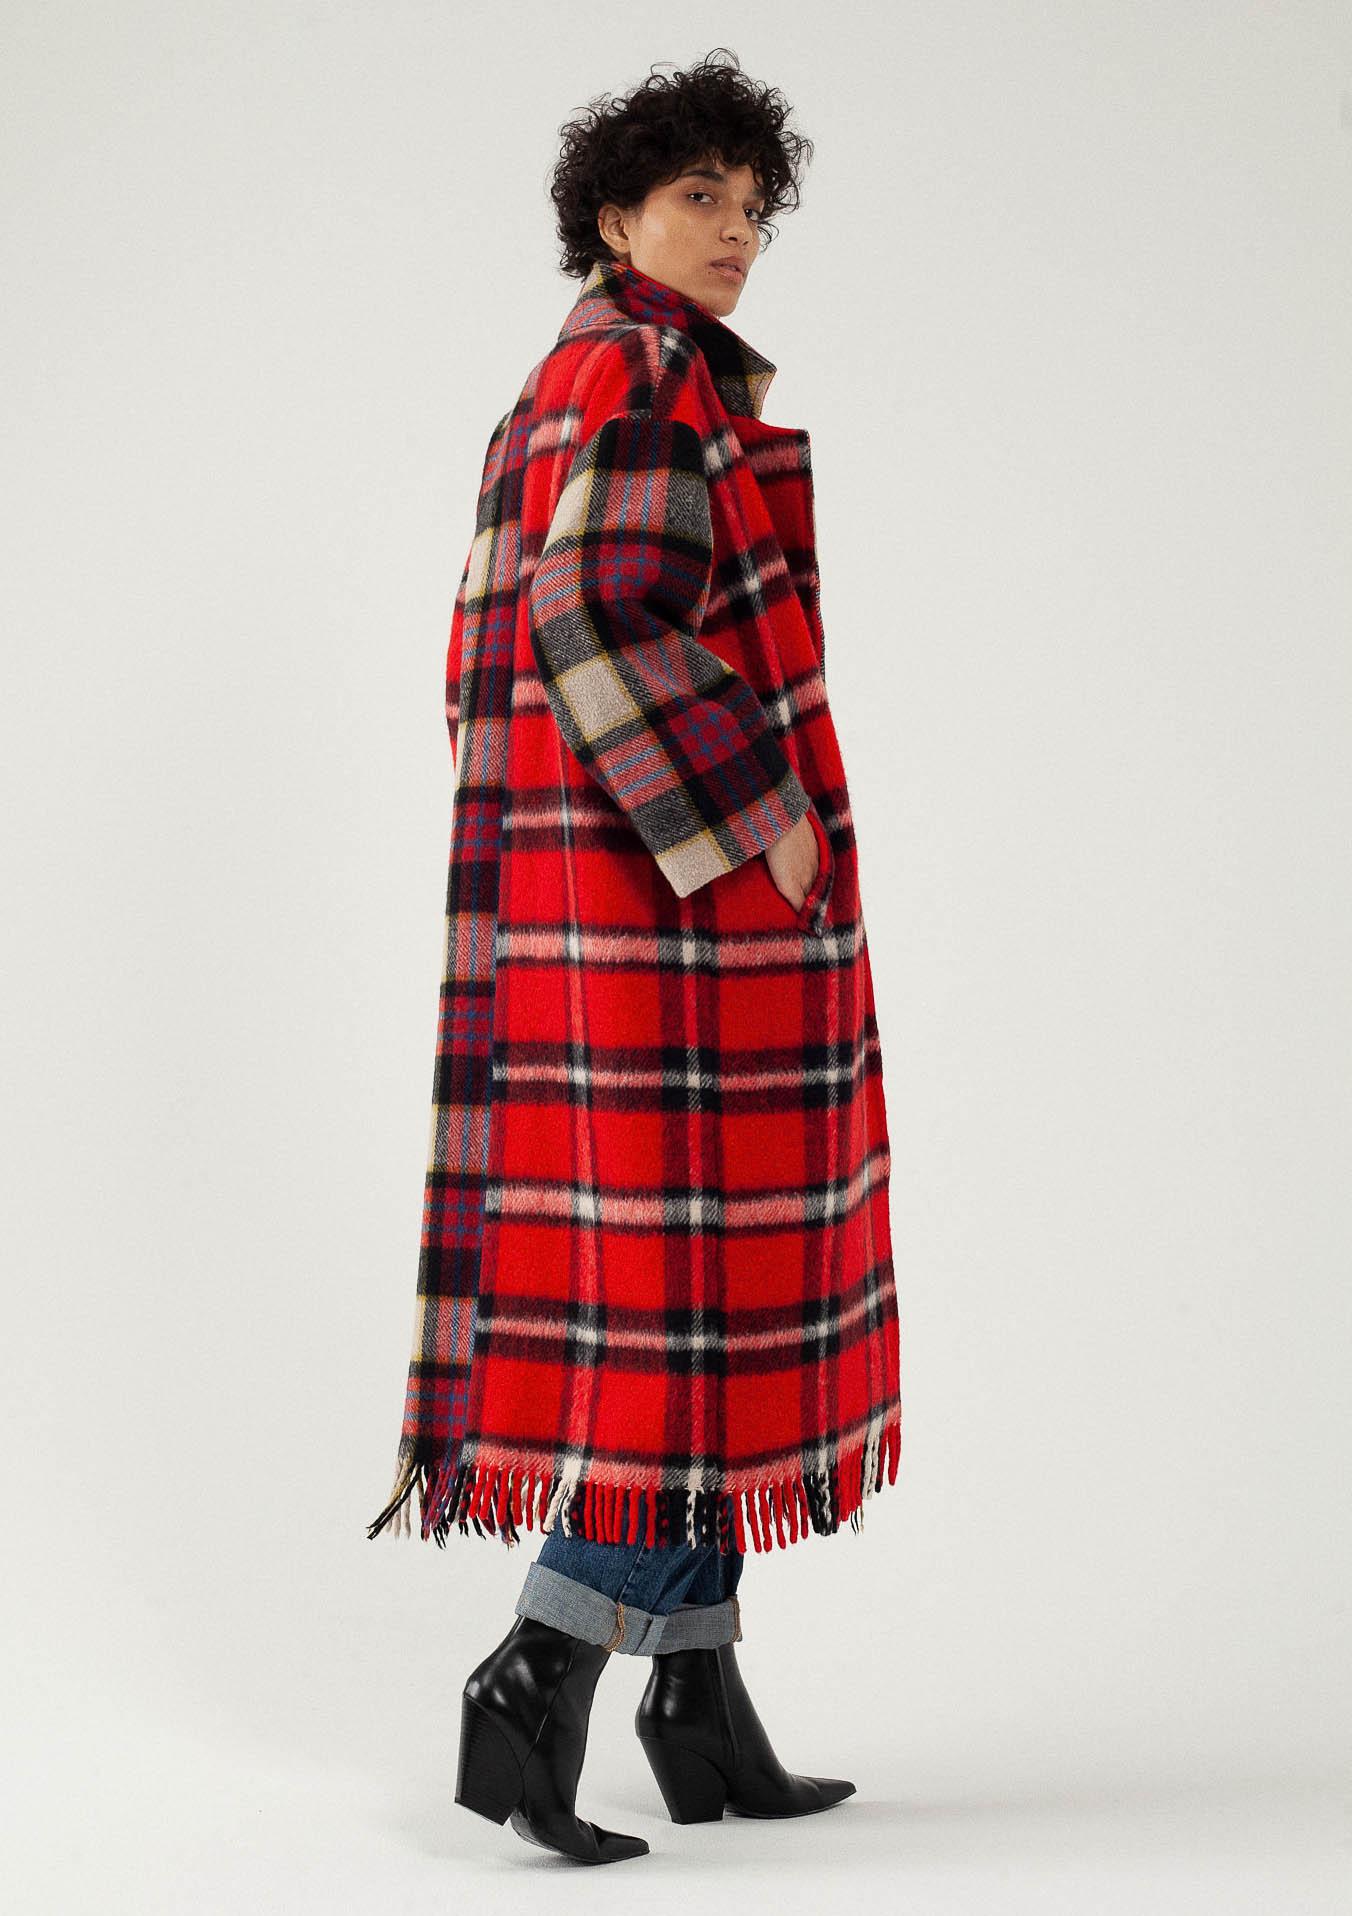 Manteau long en laine à carreaux rouges personnalisabe du créateur Tremblepierre - 4